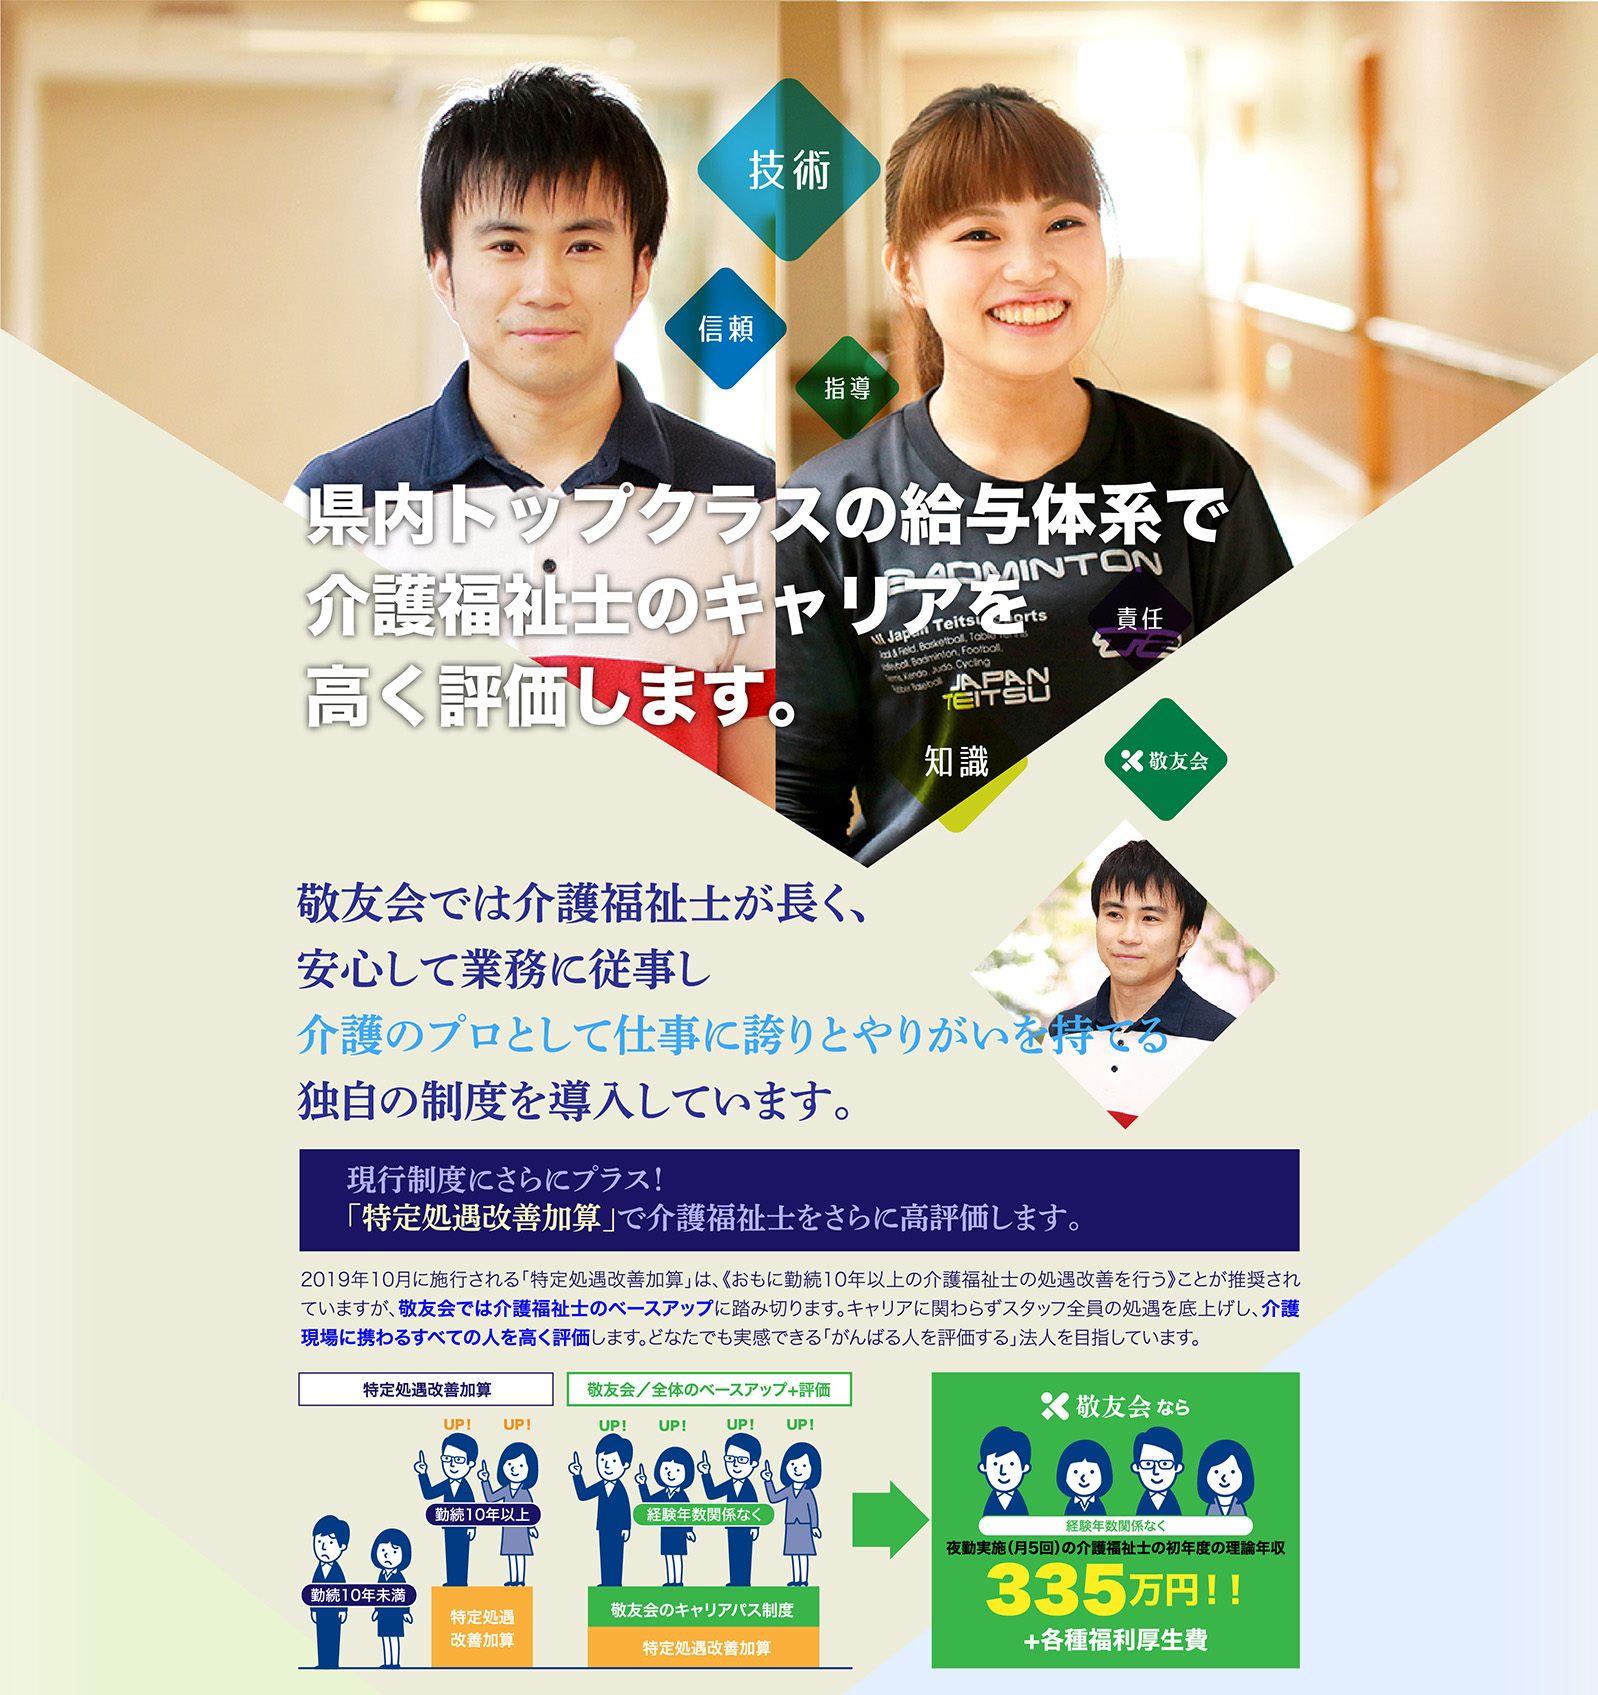 敬友会様_ランディングページ1